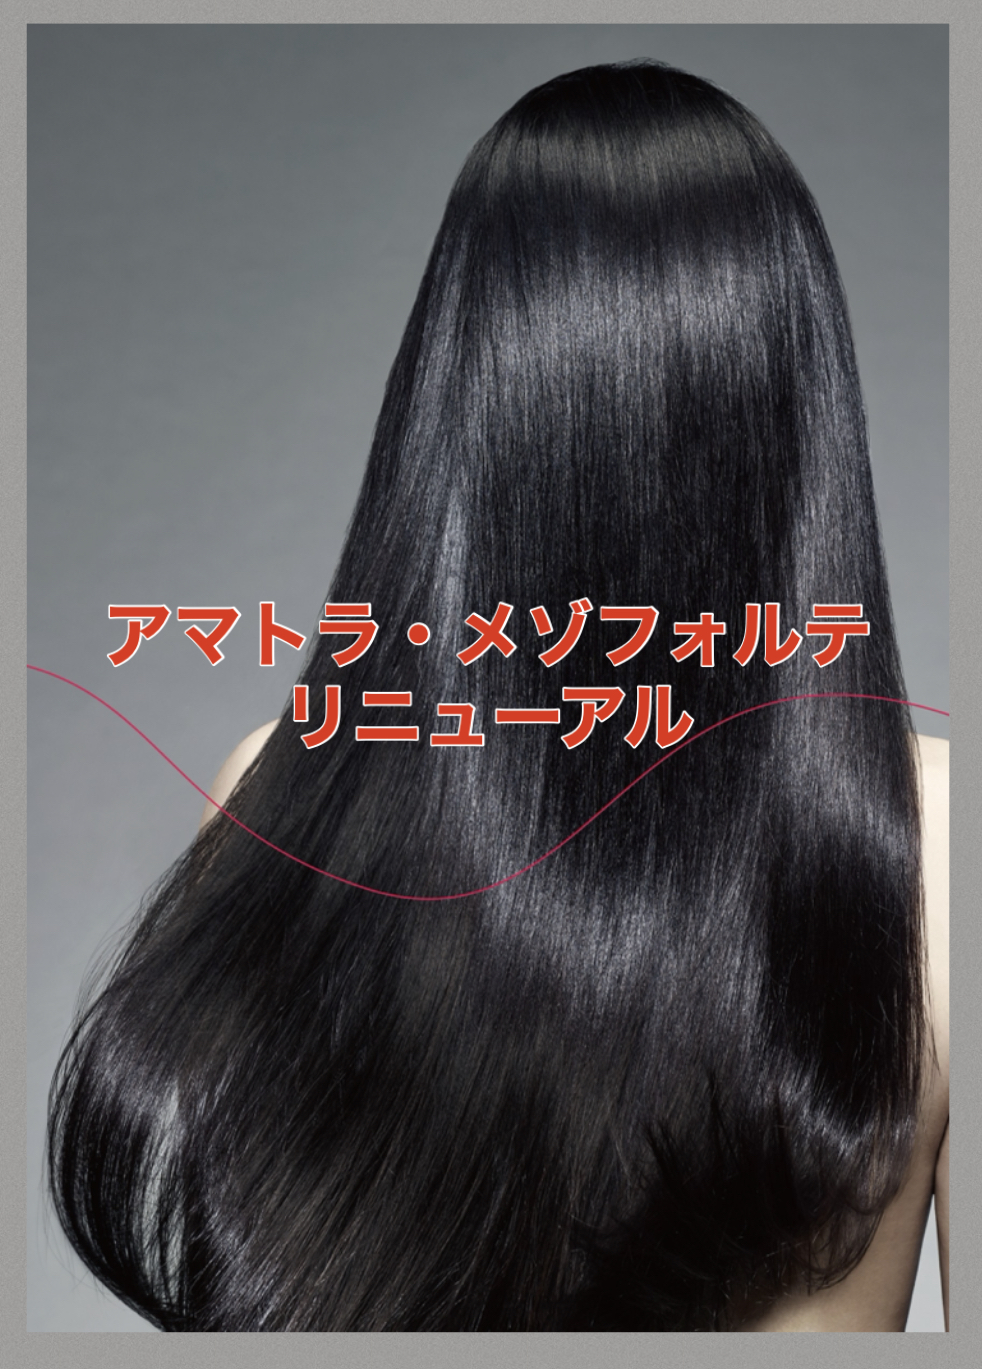 【最高×最強に生まれ変わる】アマトラ・メゾフォルテが★髪純度→凛美★にリニューアル♪